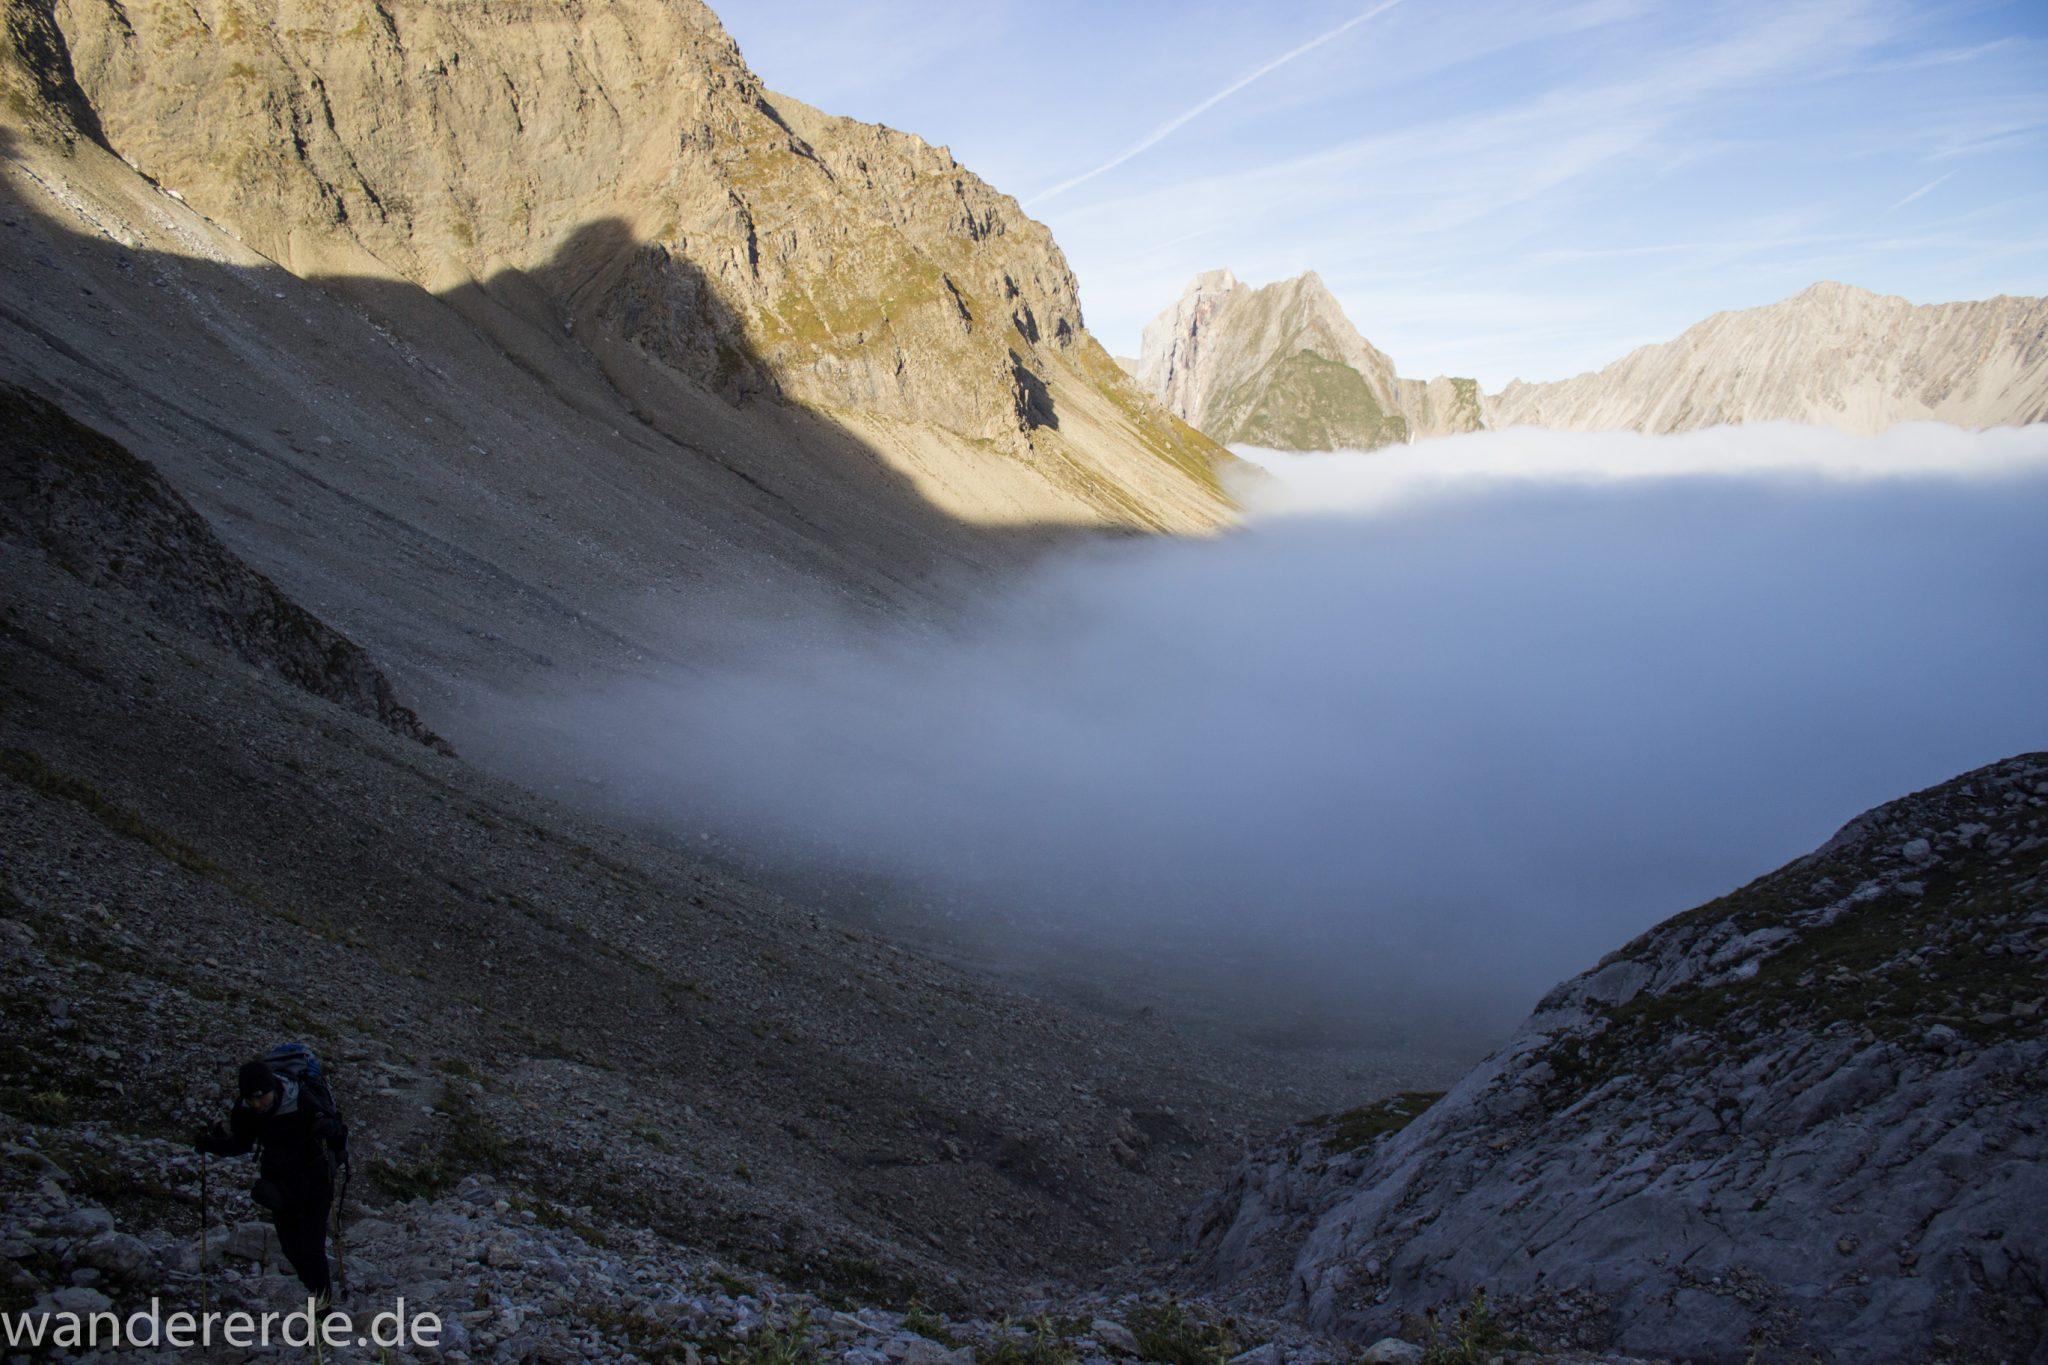 Alpenüberquerung Fernwanderweg E5 Oberstdorf Meran, 3. Etappe von Memminger Hütte zur Skihütte Zams, Berge sind am frühen Morgen noch in Nebel getaucht, aber die Sonne scheint, herrliches Wetter zum Wandern, E5 Wanderweg führt zu Beginn der dritten Etappe ab der Memminger Hütte über steilen und ausgesetzten Wanderweg über die Seescharte, Blick auf Wanderer während Aufstieg zur Seescharte auf sehr schmalem Wanderweg über viel Geröll, ringsum Aussicht auf Berge der Alpen